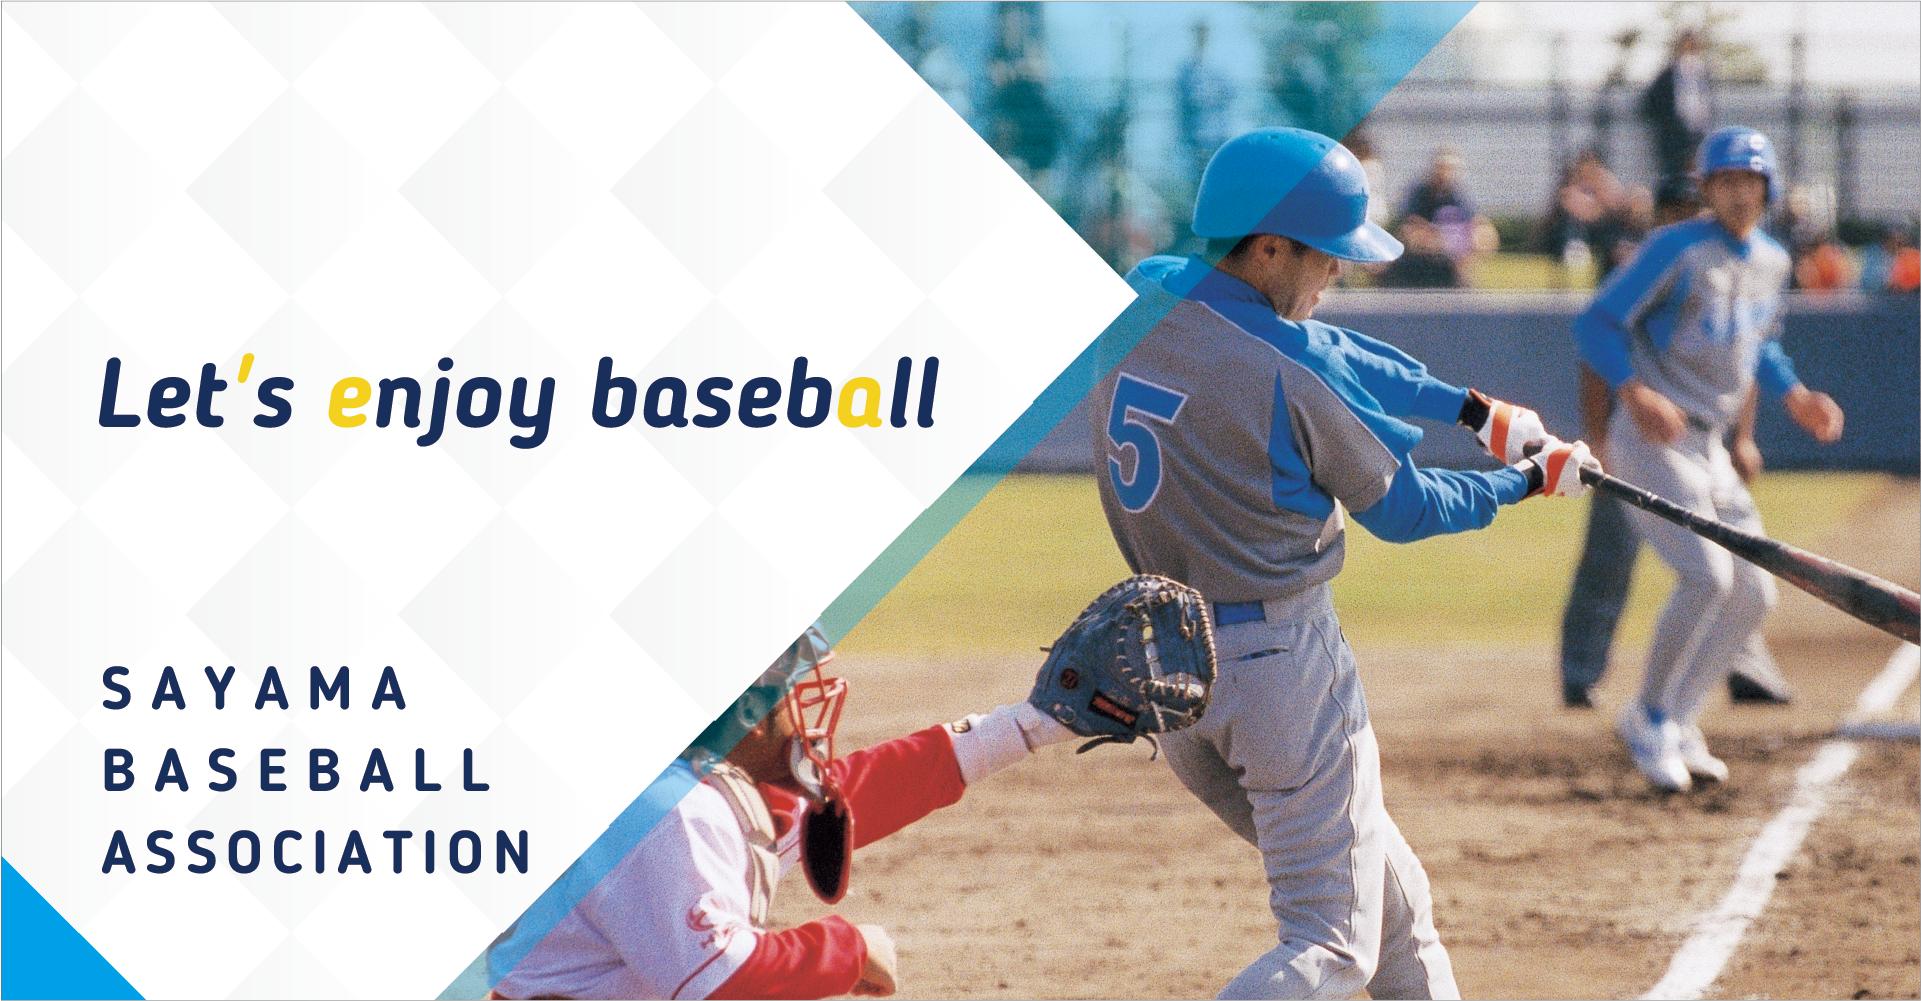 連盟 軟式 埼玉 県 野球 埼玉県東入間学童野球連盟のリンク集です